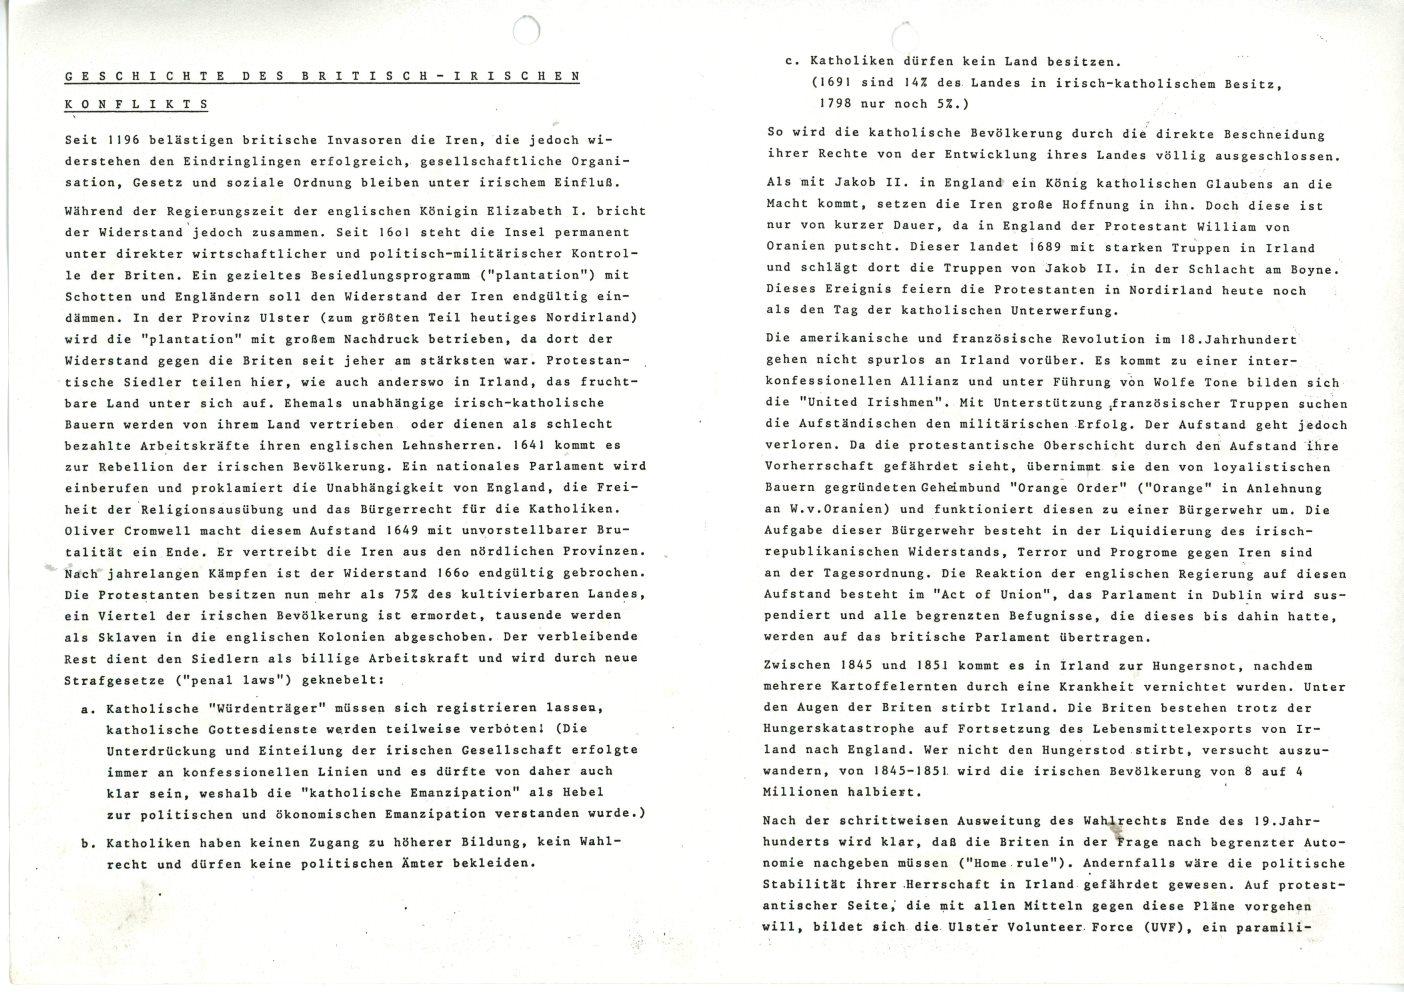 Freiburg_Nordirland_Reader_1988_04